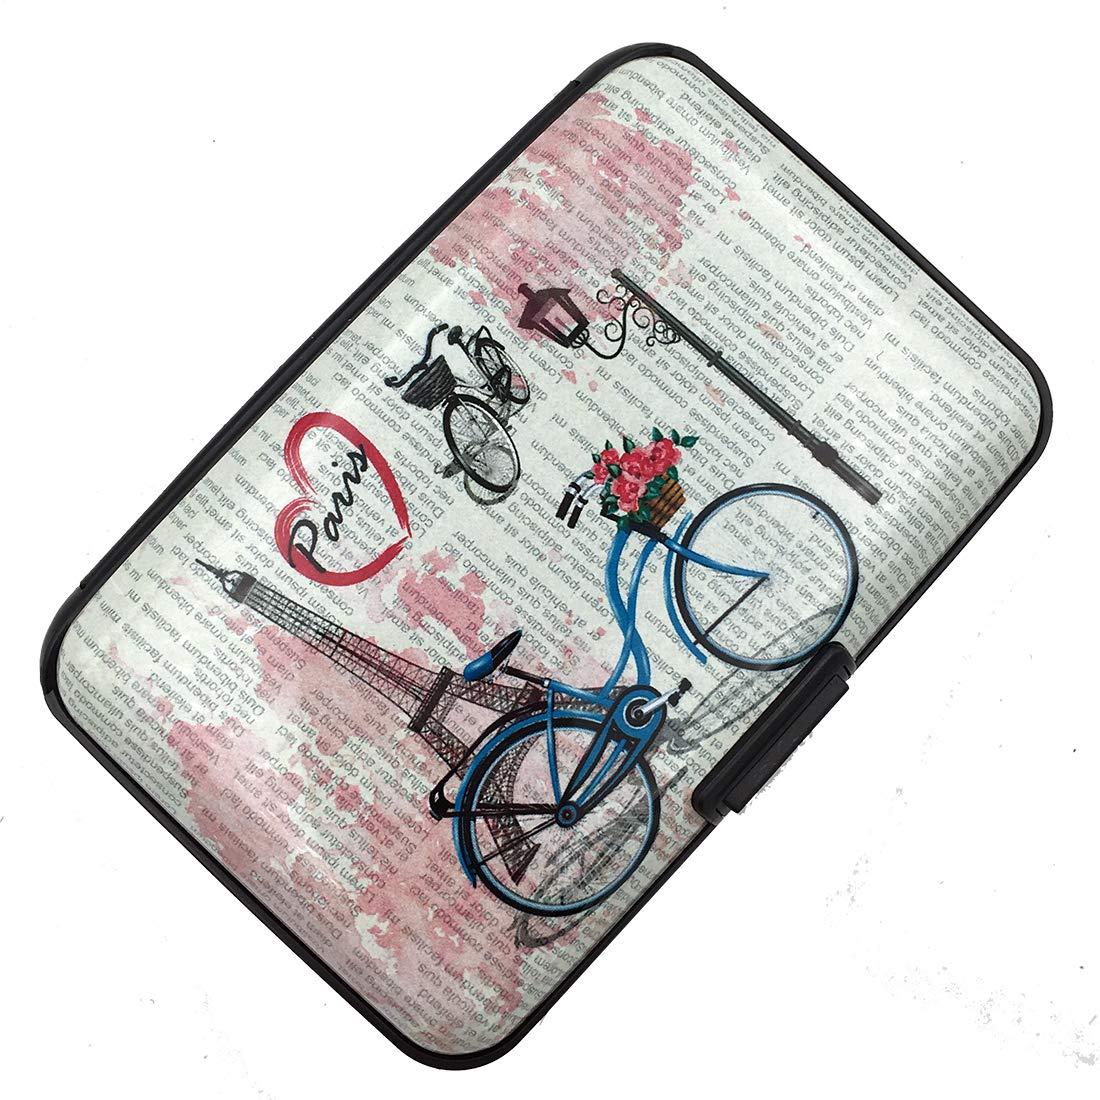 RFID Credit Card Holder for Women or Men,Theft Proof Credit Card Holder,Slim Design Fits in Pocket